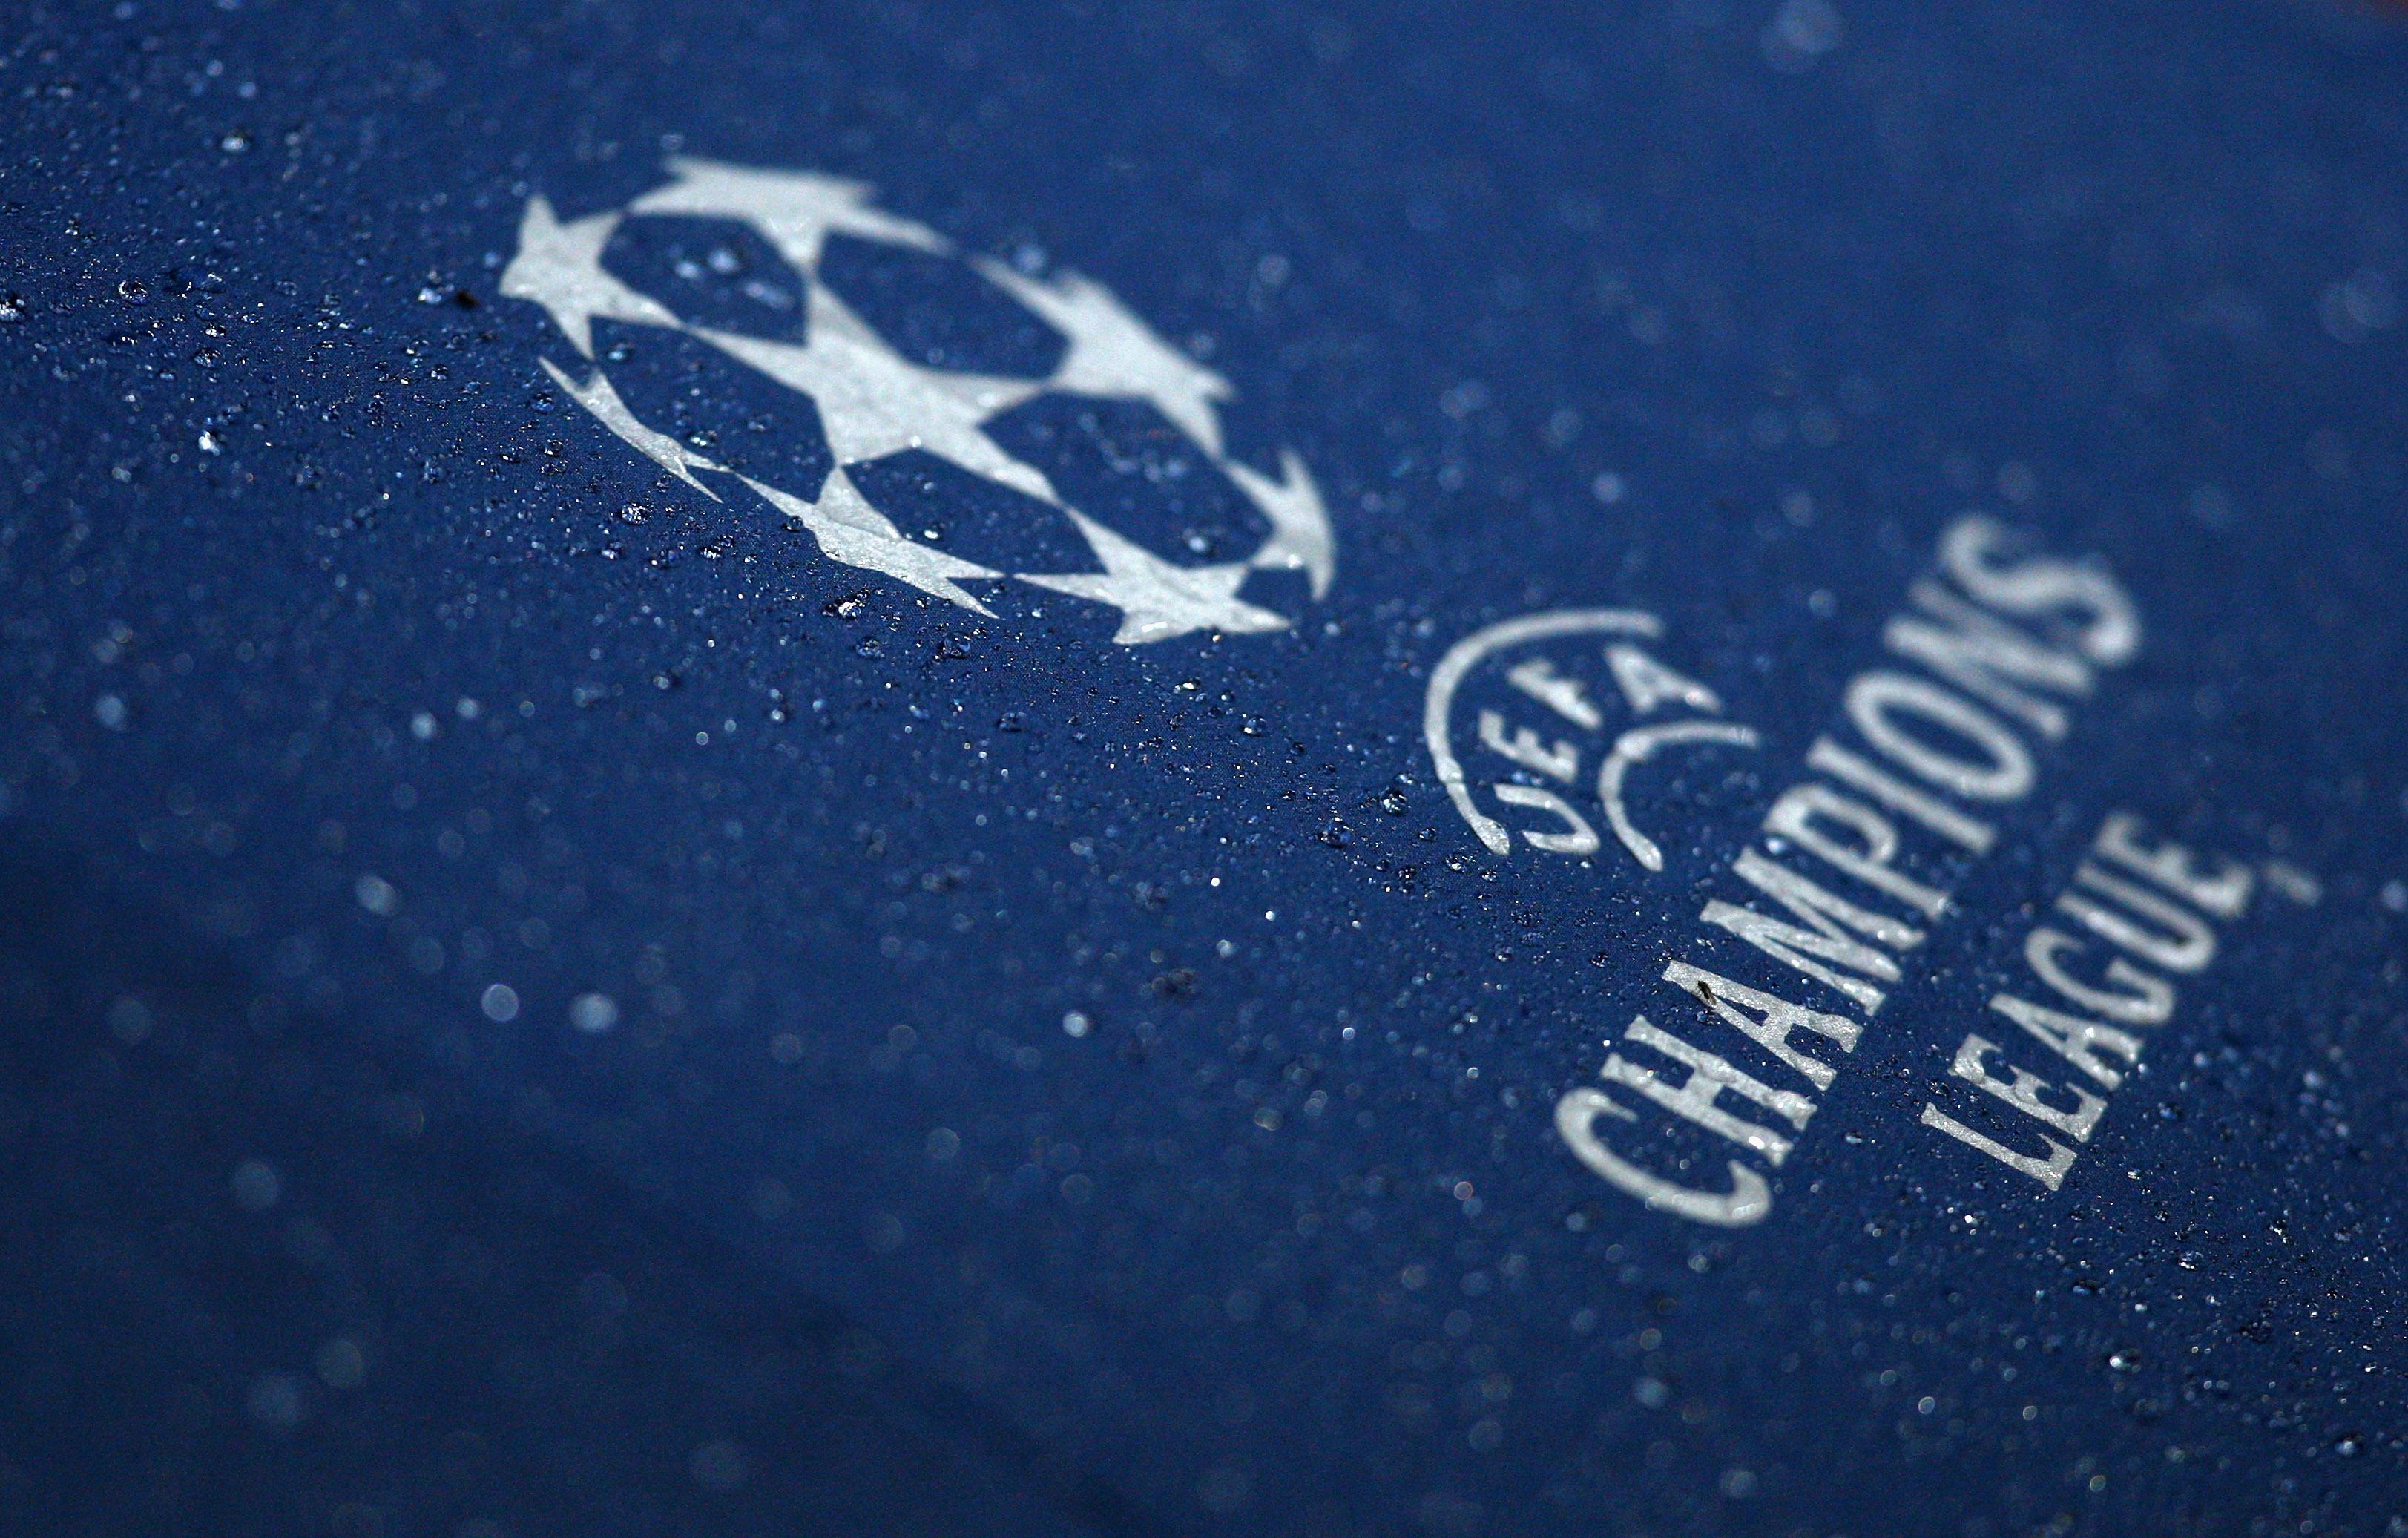 Liga prvaka logo